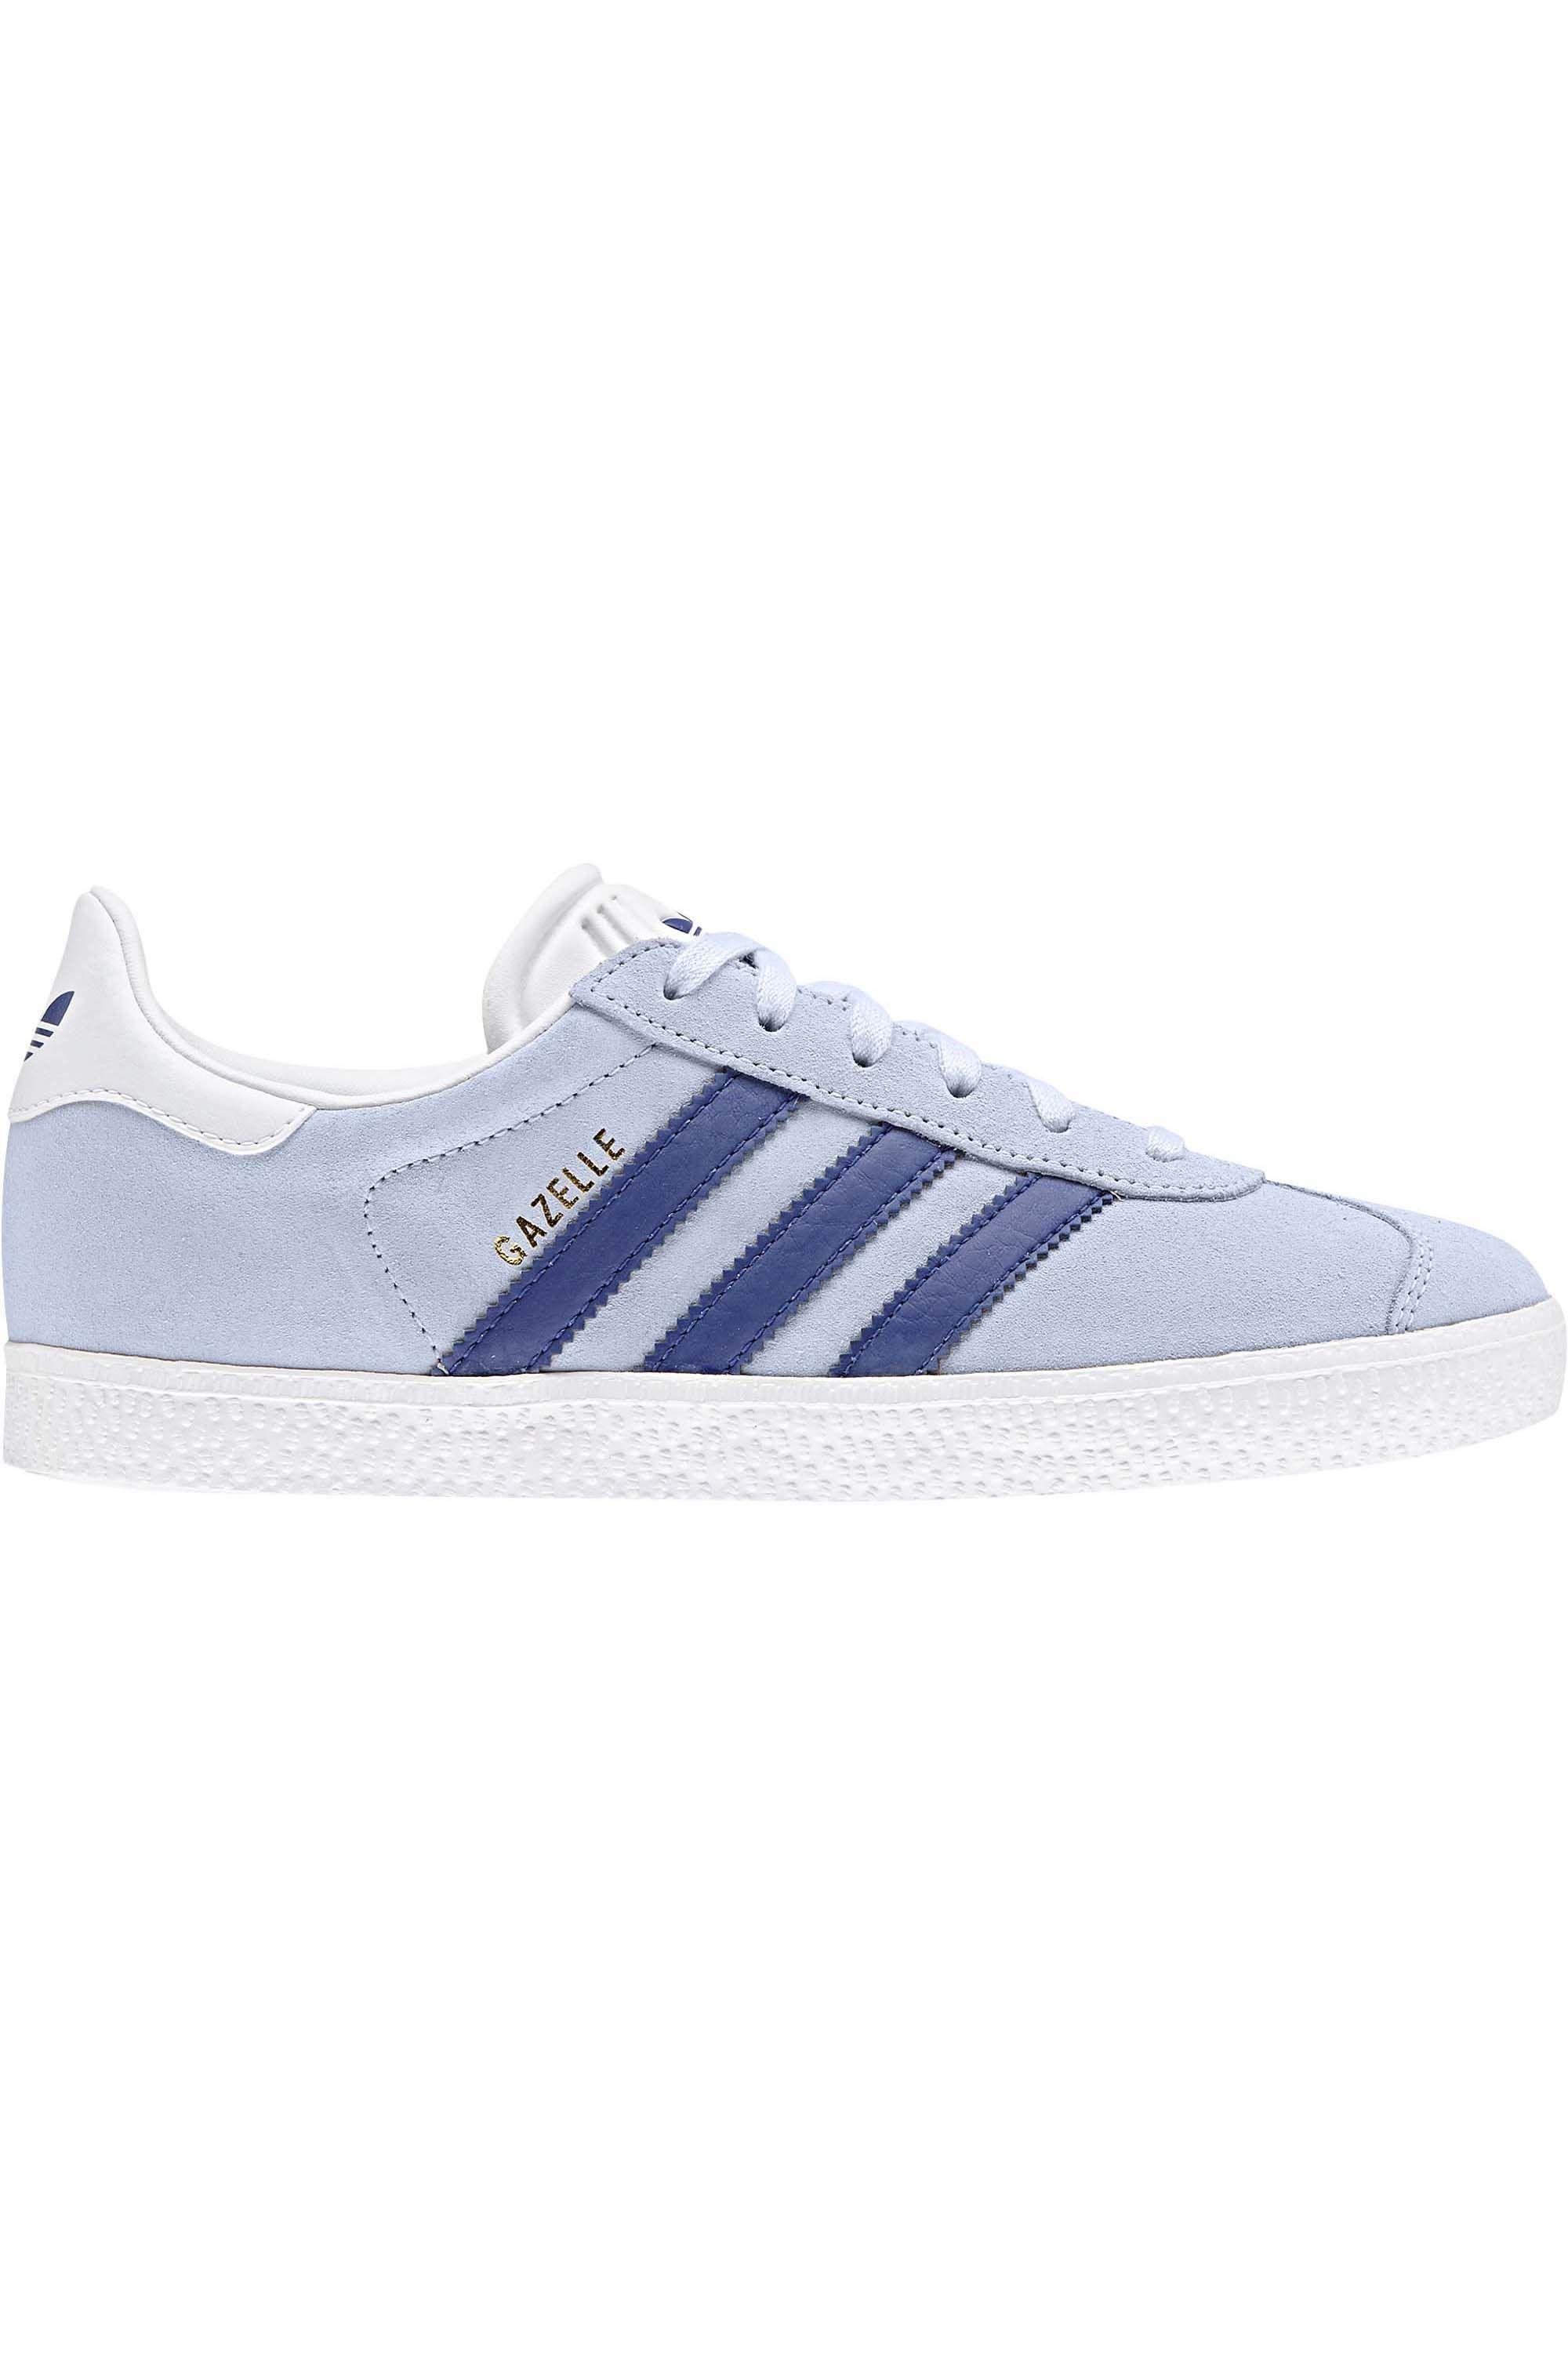 Tenis Adidas GAZELLE Aero Blue S18Ftwr WhiteFtwr White